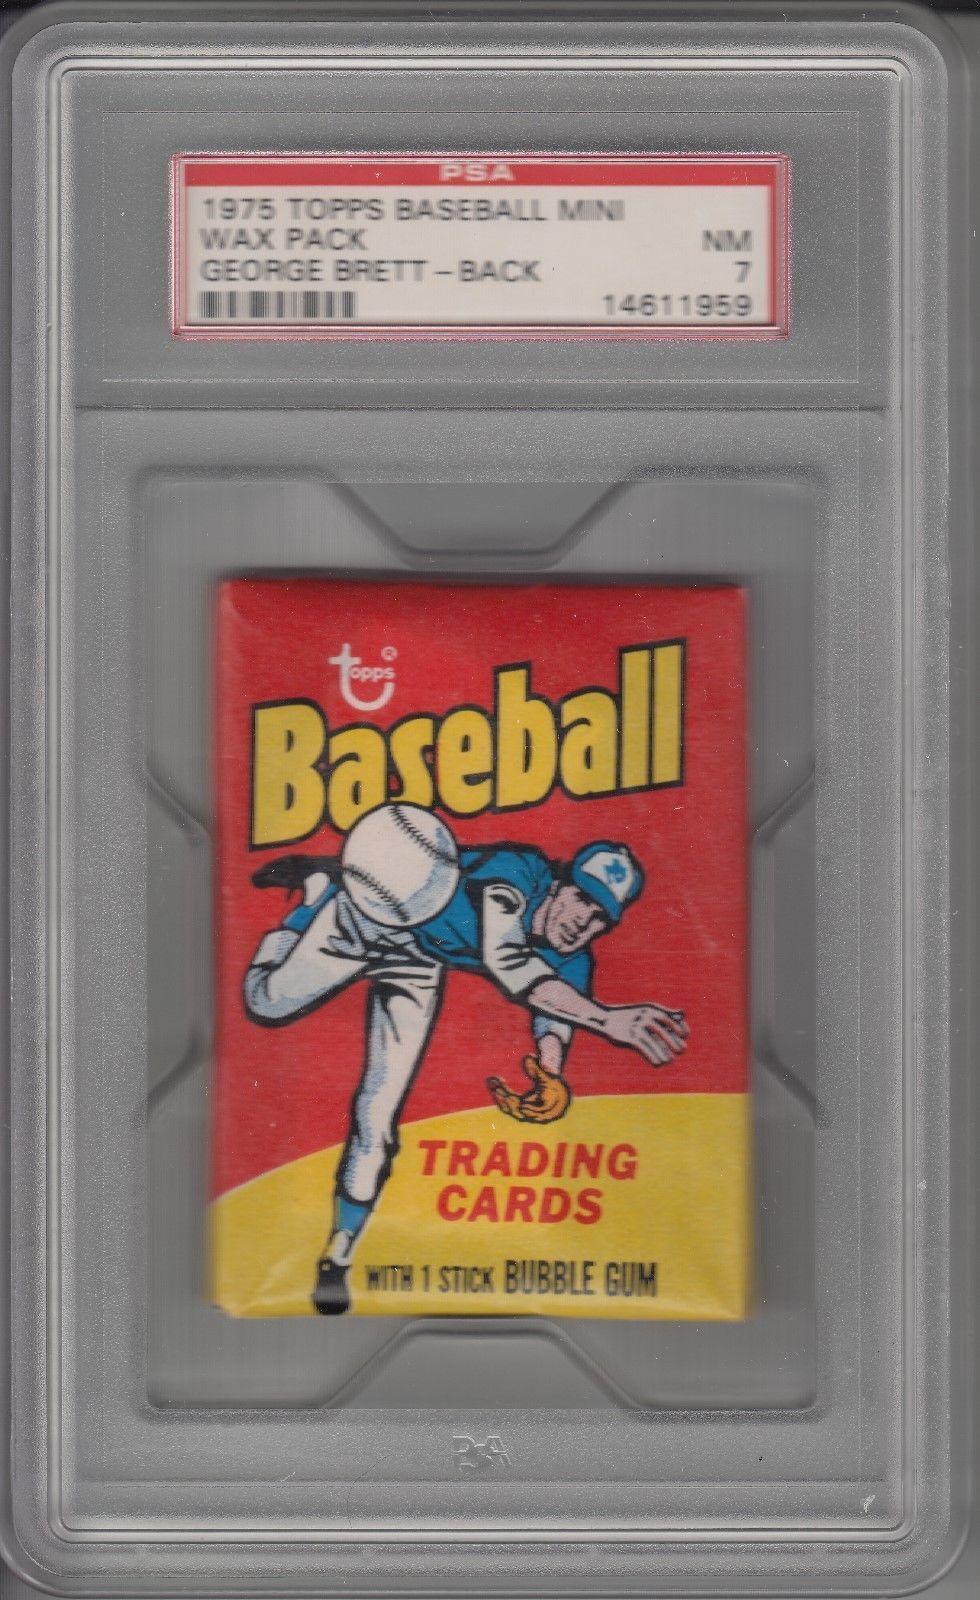 1975 topps mini baseball unopened wax pack psa 7